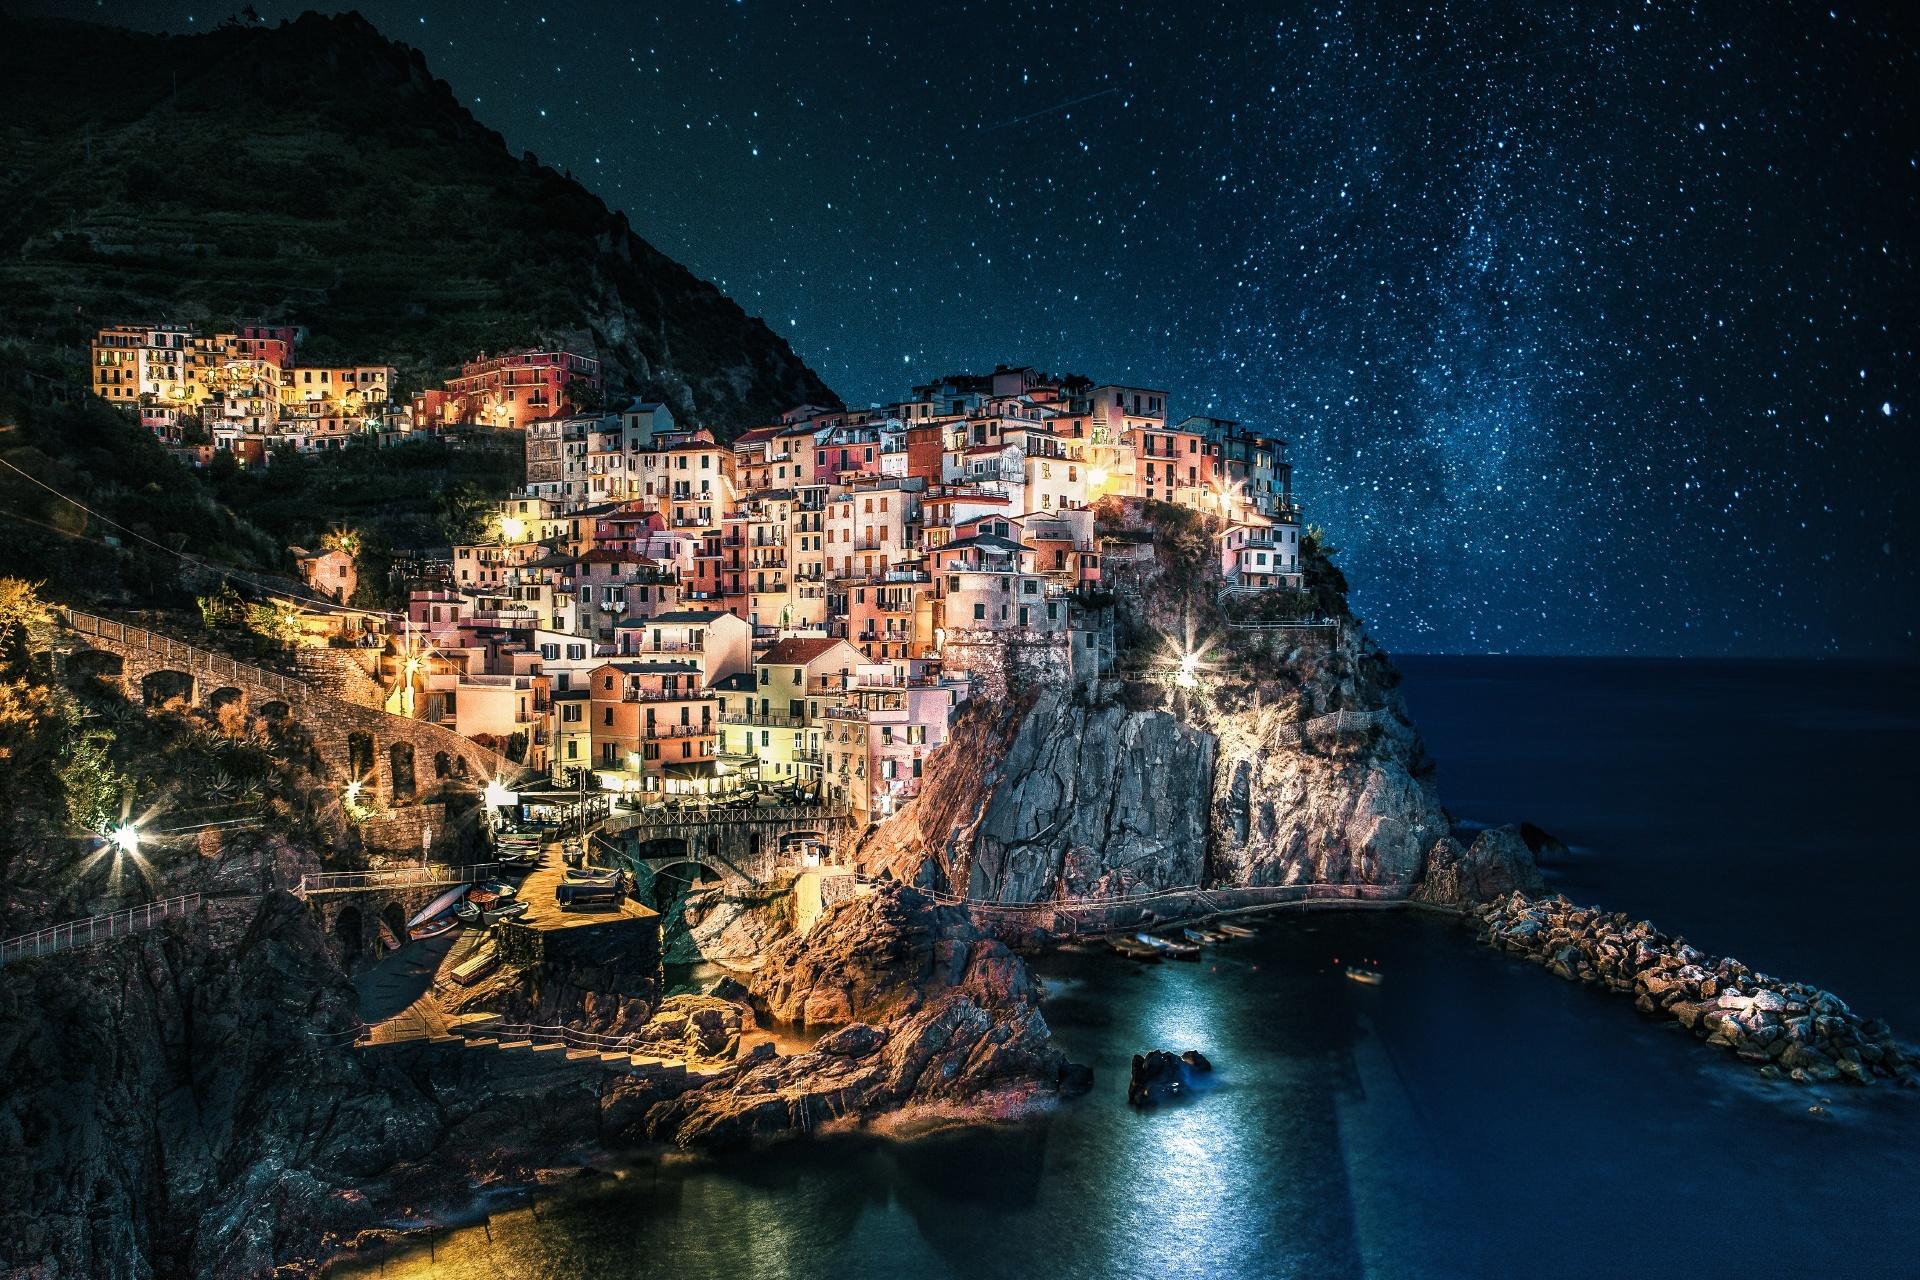 チンクエテッレ マナローラ村の美しい夜景 イタリアの風景